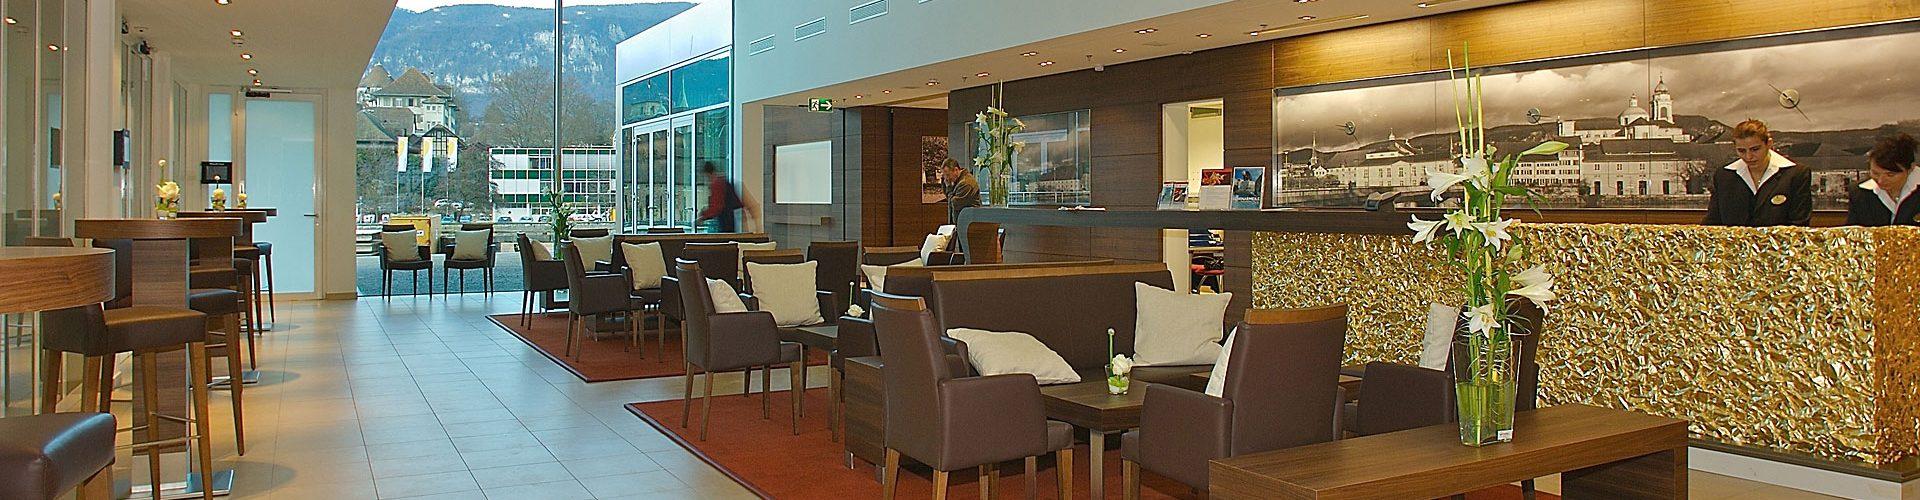 Lobby im Hotel Solothurn, Schweiz